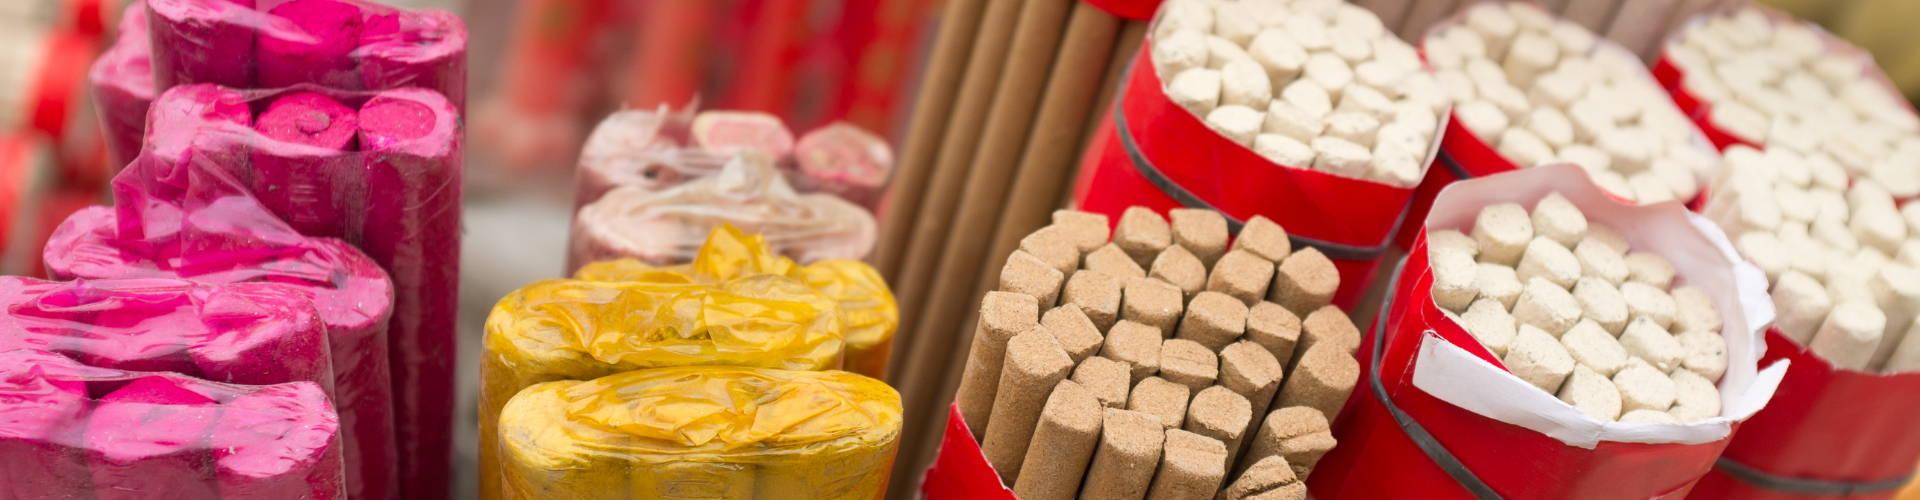 incense sticks made